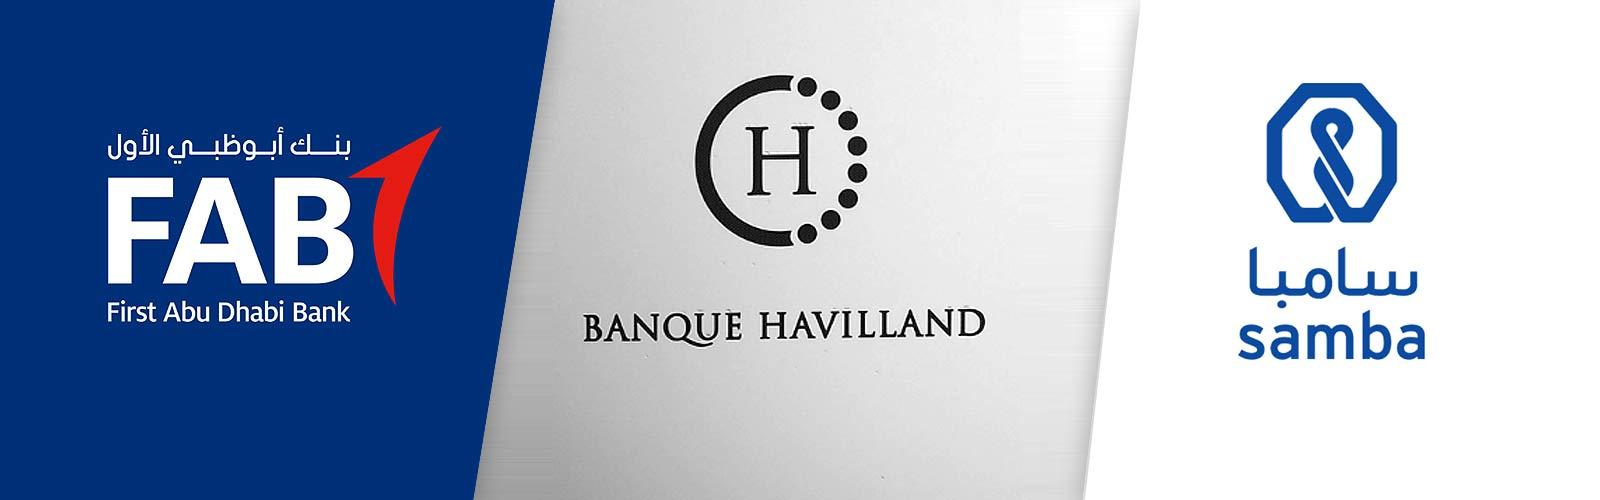 Katar verklagt FAB, Samba Bank und Banque Havilland